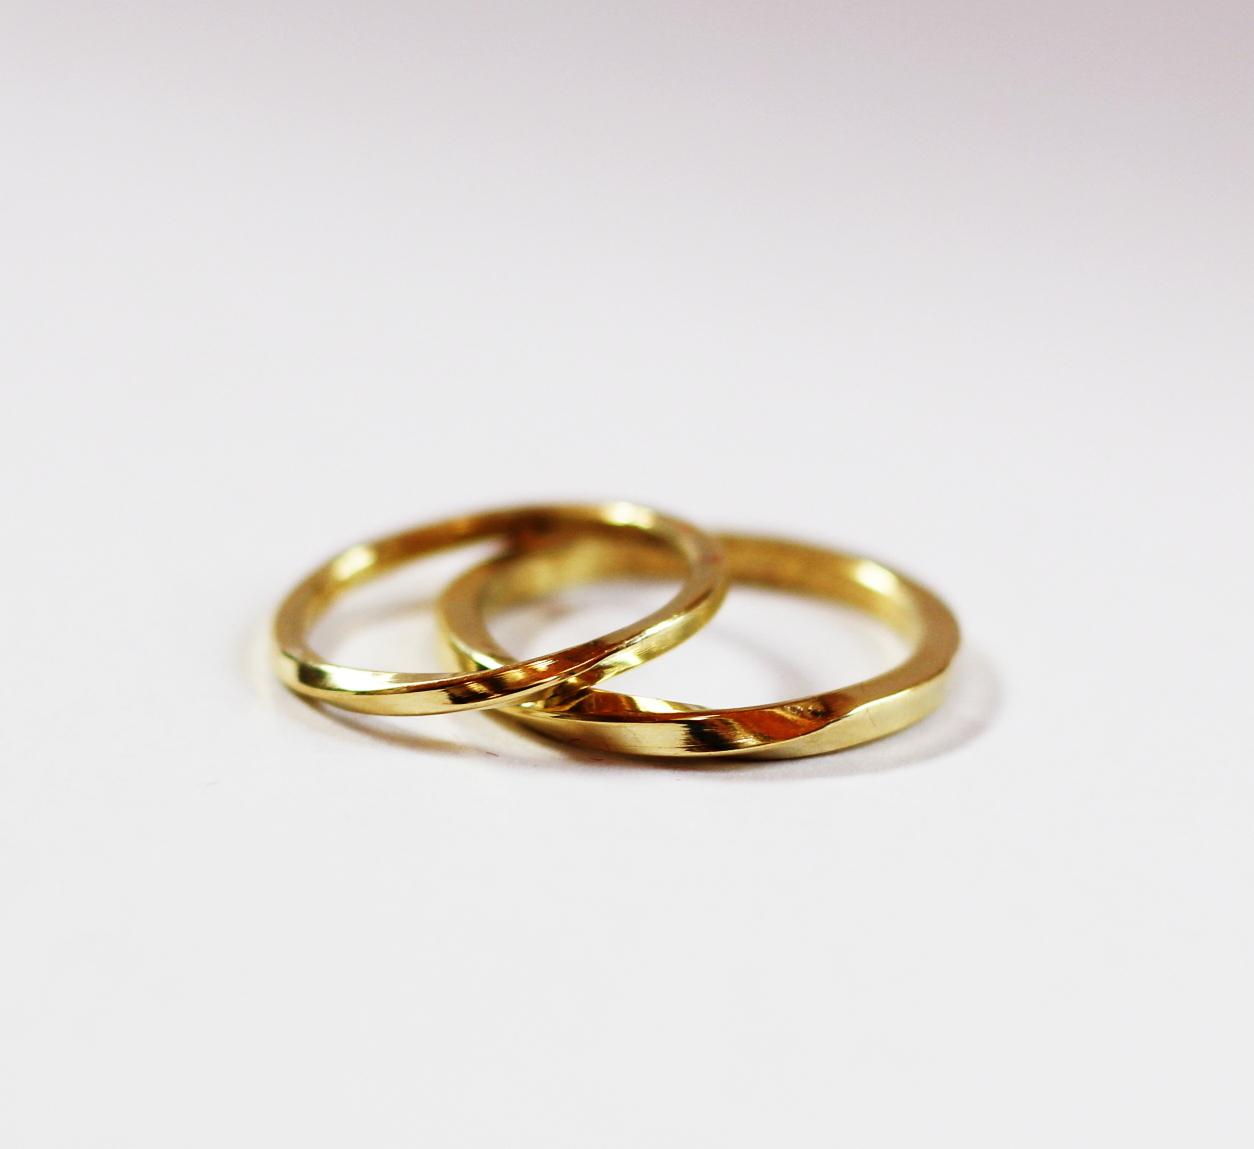 13ef942b9 Nekonečné snubní prsteny - (zlato 585/1000) / Zboží prodejce Evei ...